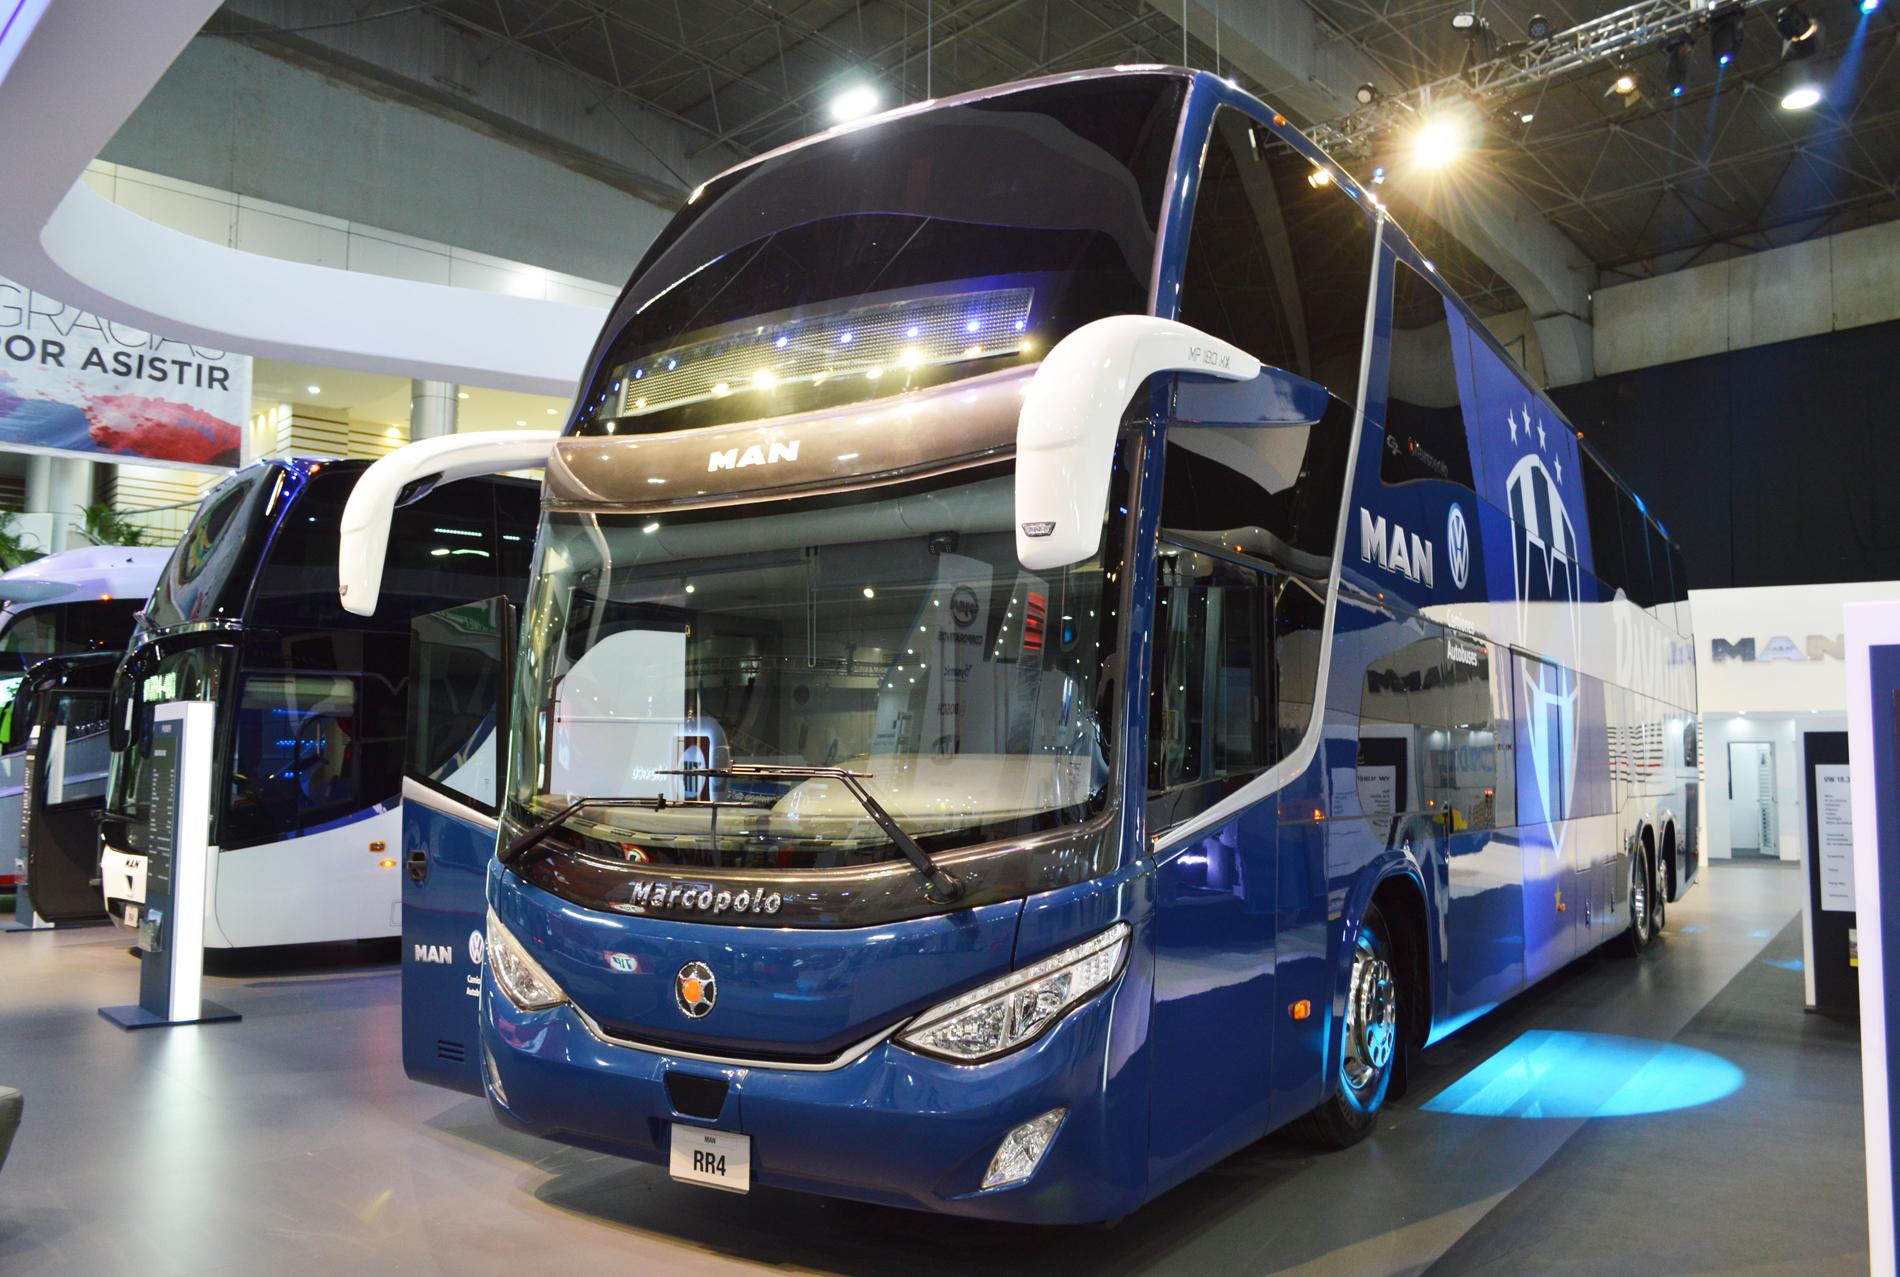 La pasión viaja sobre ruedas: ¡Conoce los buses que mueven a la Liga MX!